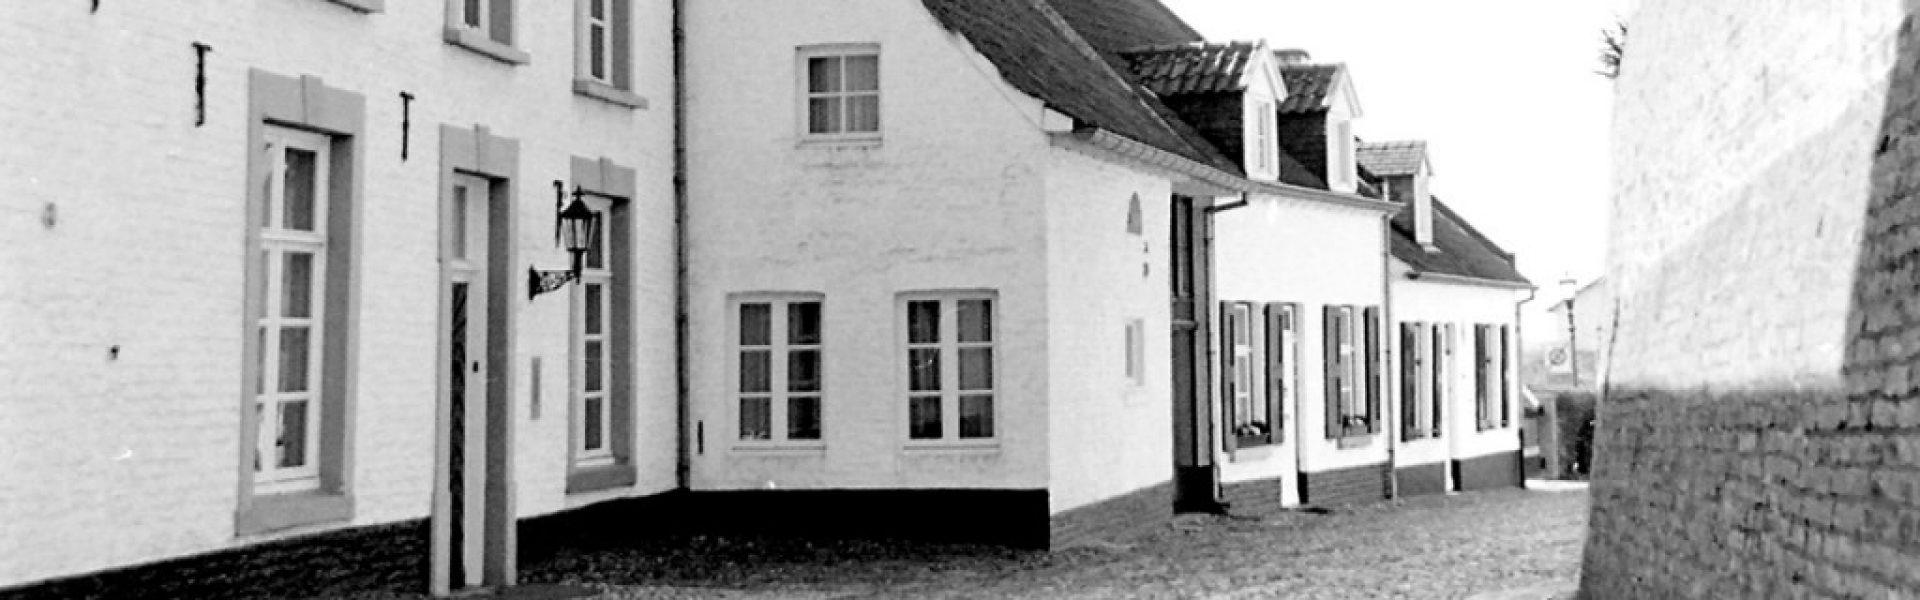 Huis Broeckmeulen